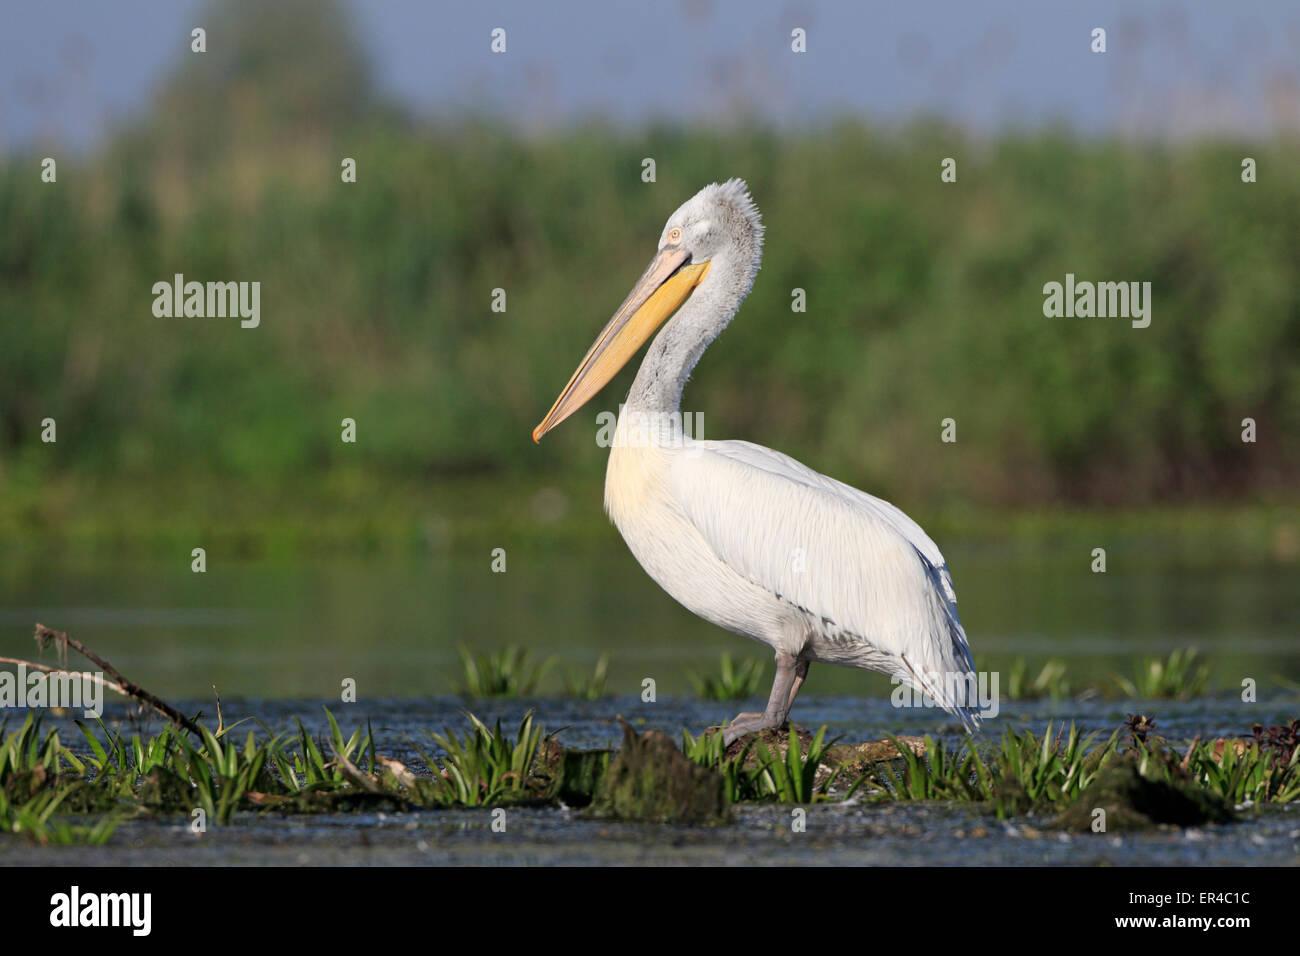 Dalmatian Pelican in the Danube Delta - Stock Image